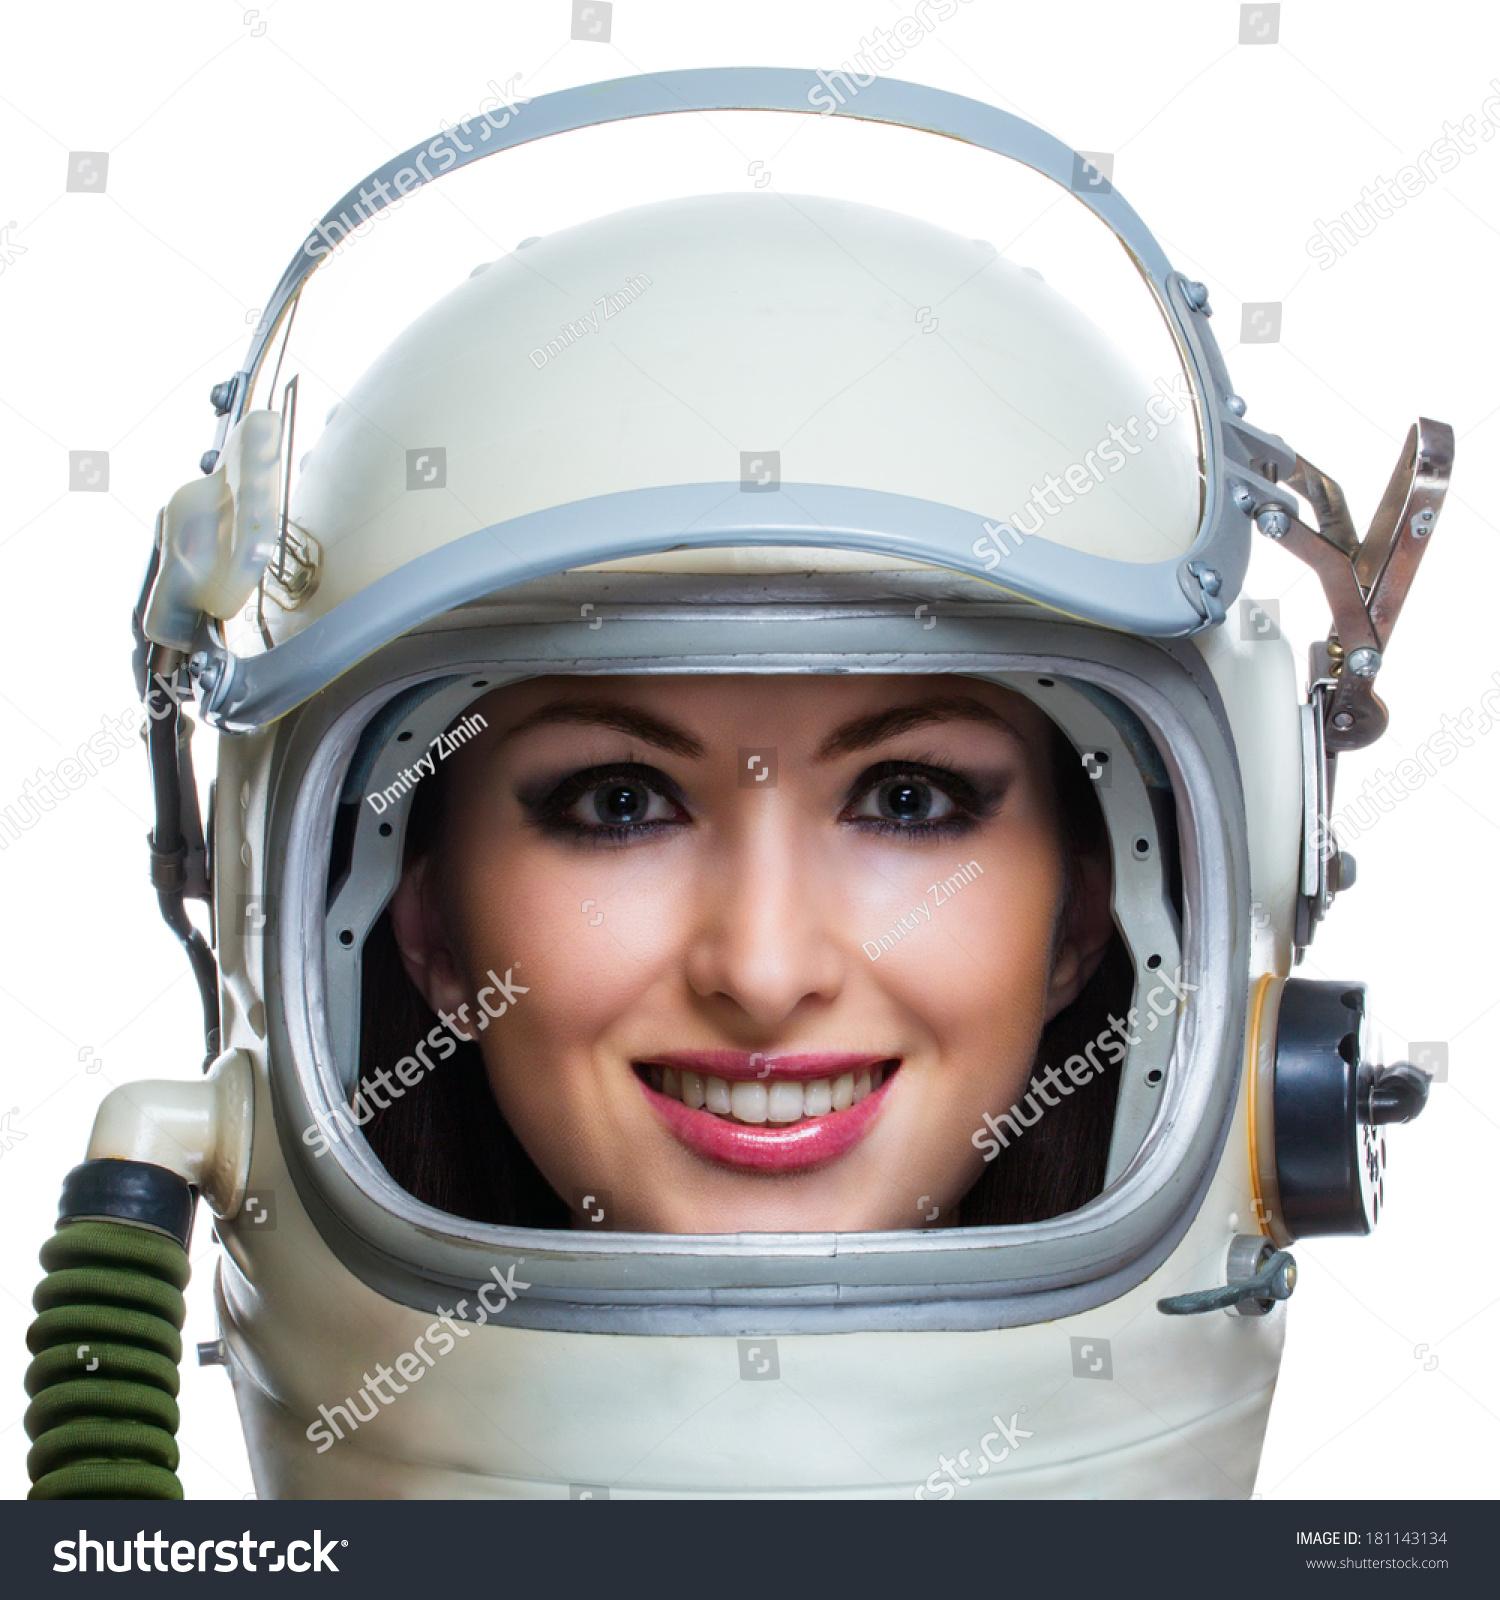 white women astronaut - photo #9